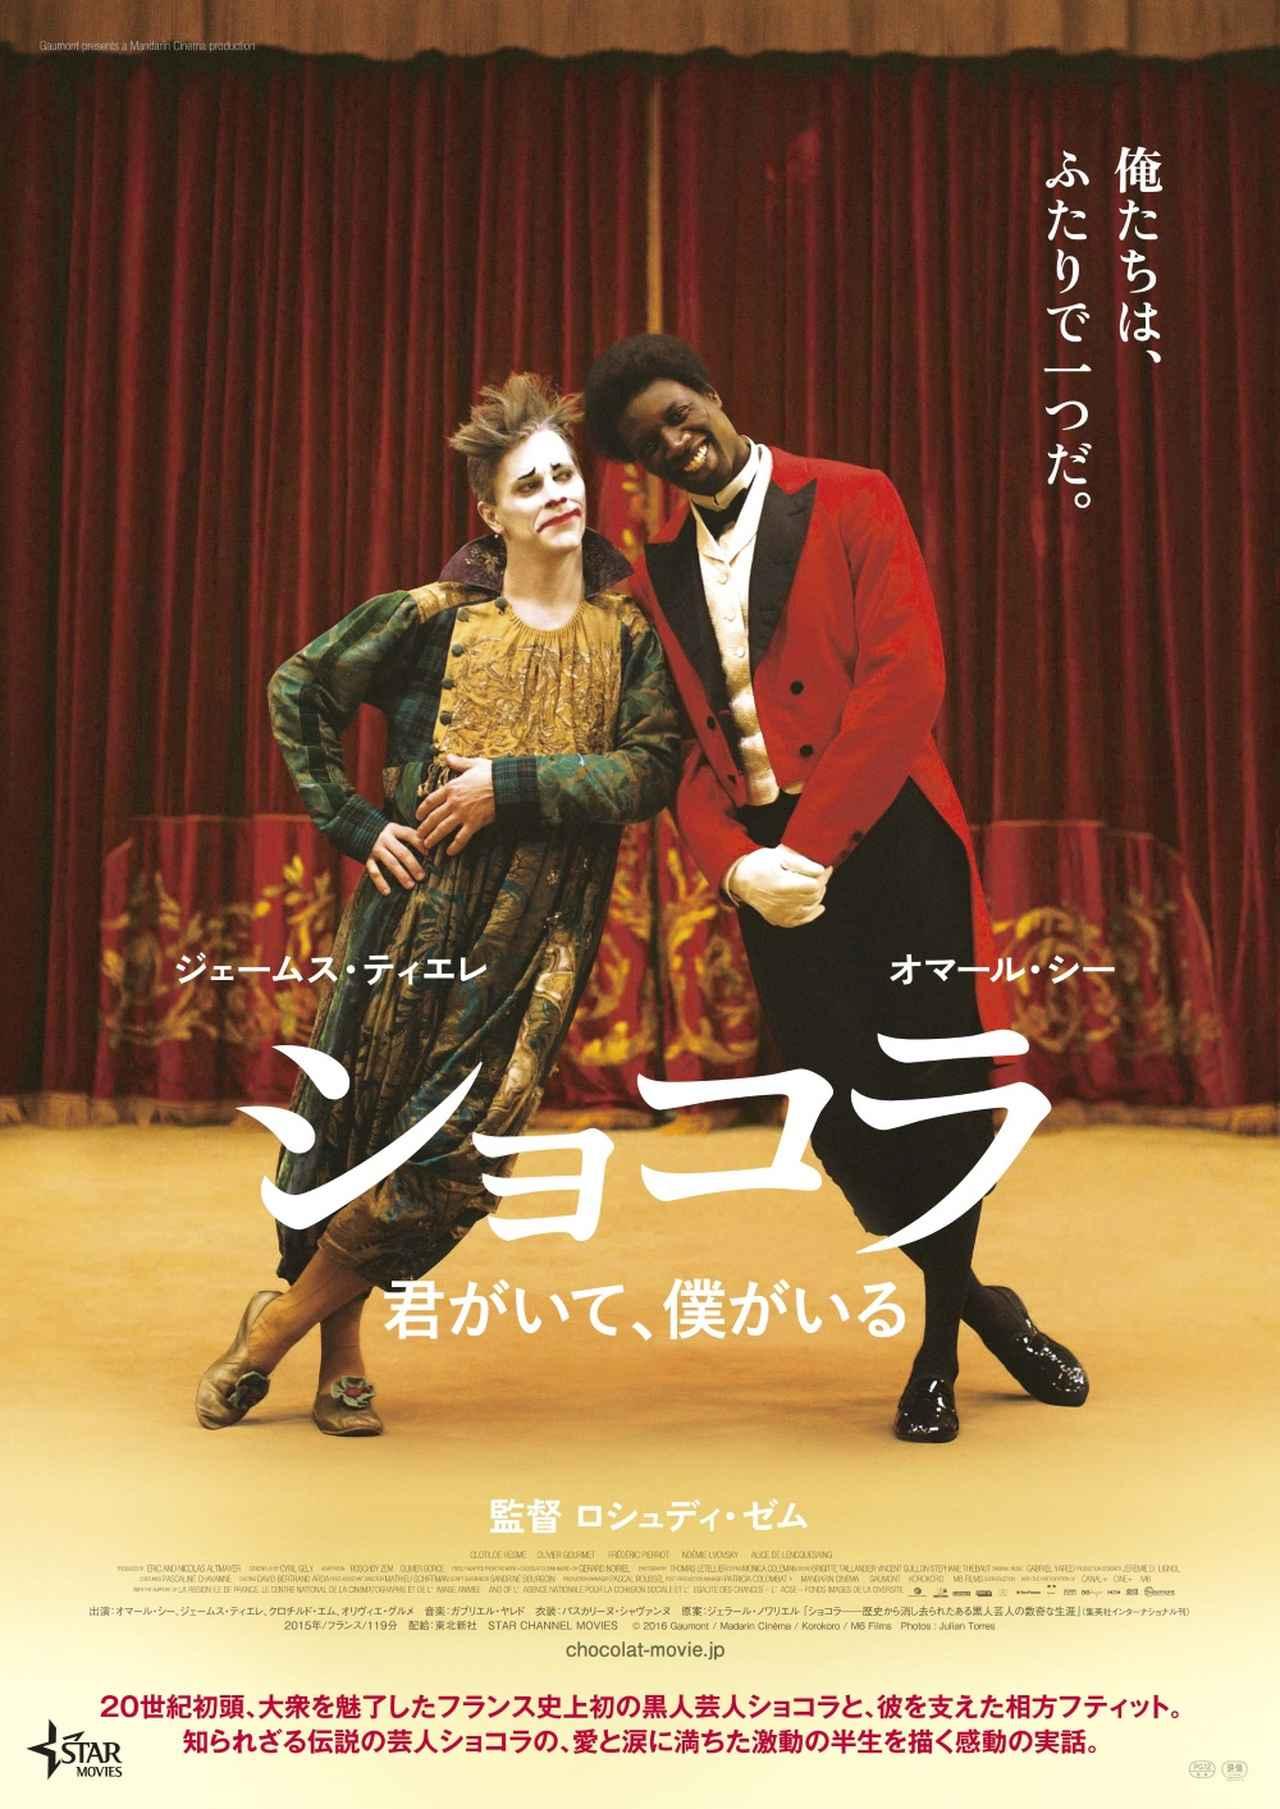 画像: フランス史上初の黒人芸人ショコラと、相方の白人芸人フティット。 万人を魅了した彼らの、愛と涙に満ちた感動の実話。